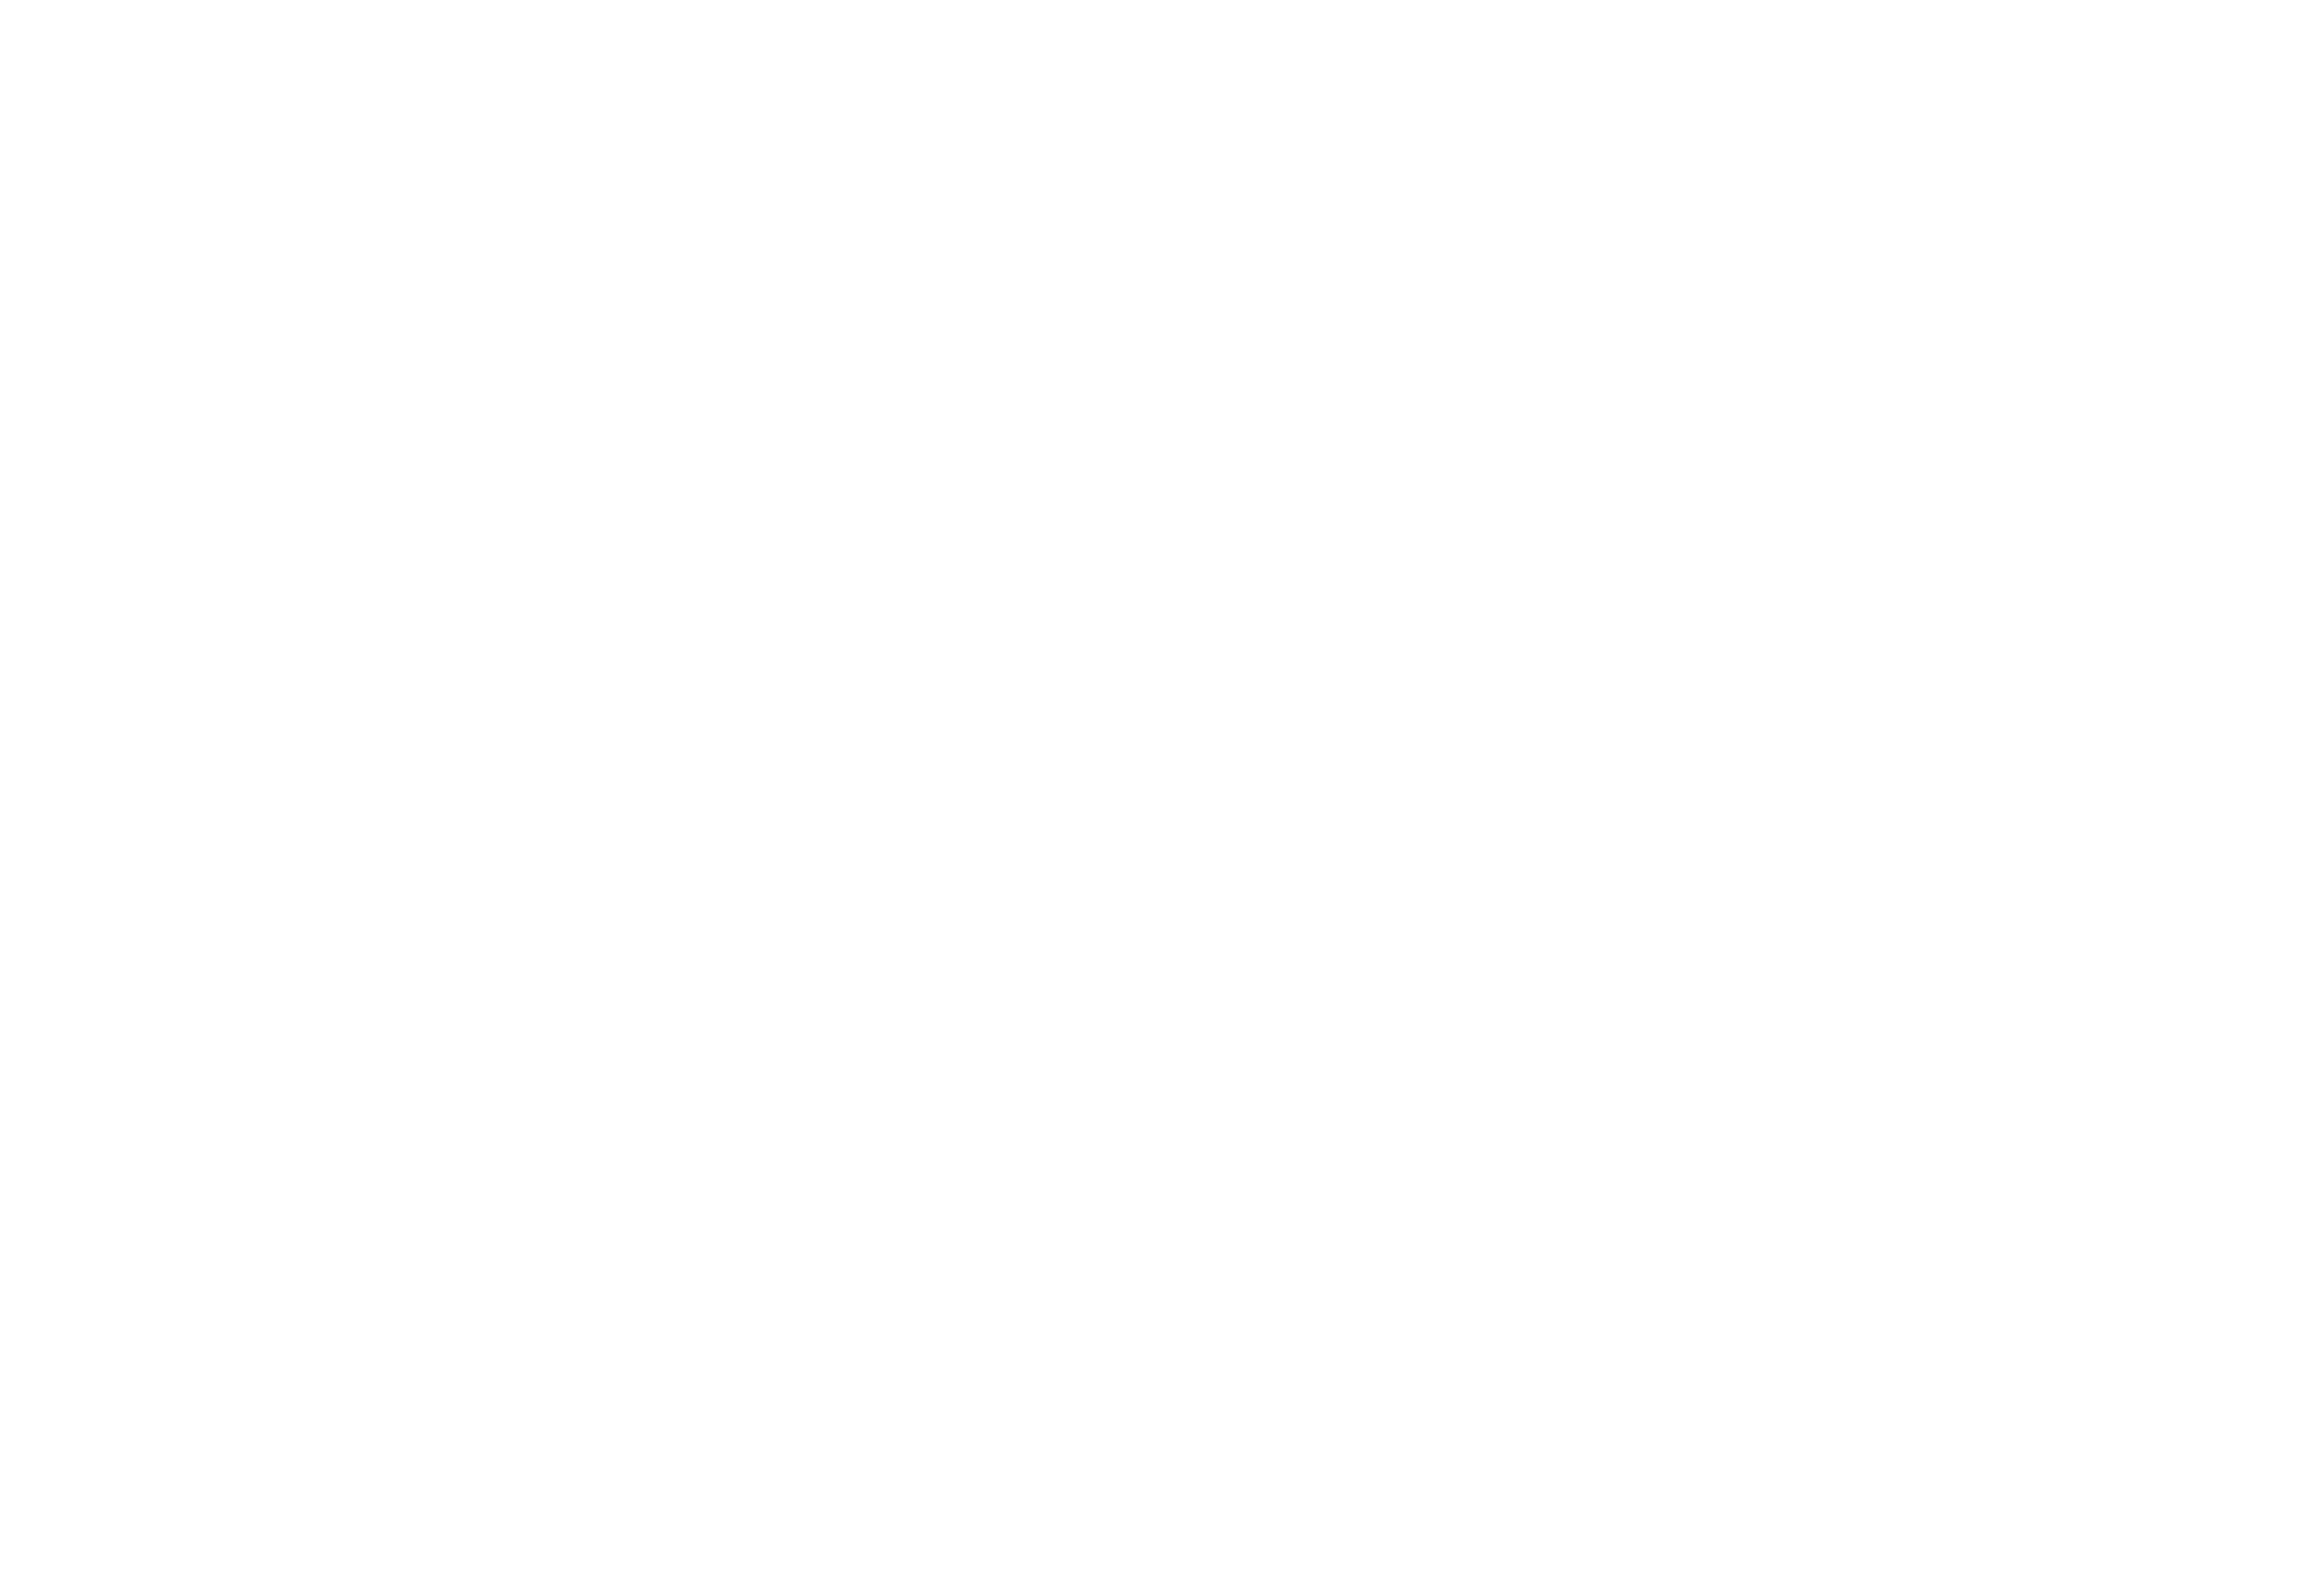 best-buy-logo-black-transparent.png